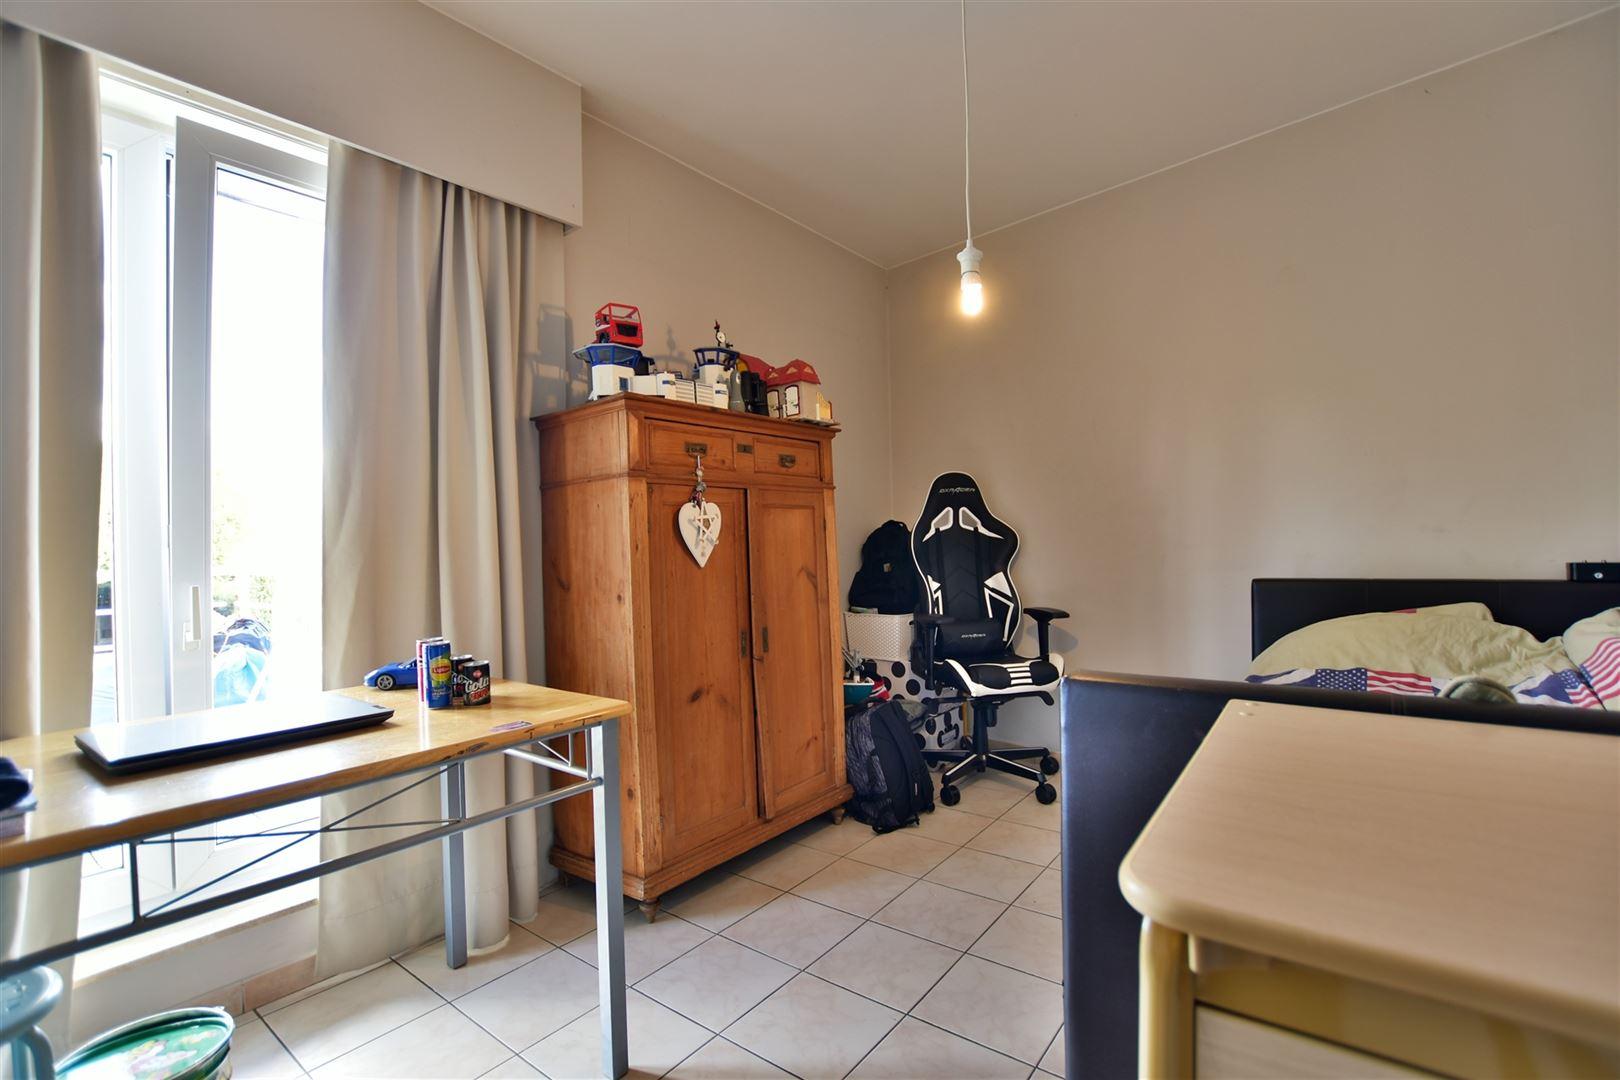 Foto 7 : Appartement te 9200 APPELS (België) - Prijs € 190.000